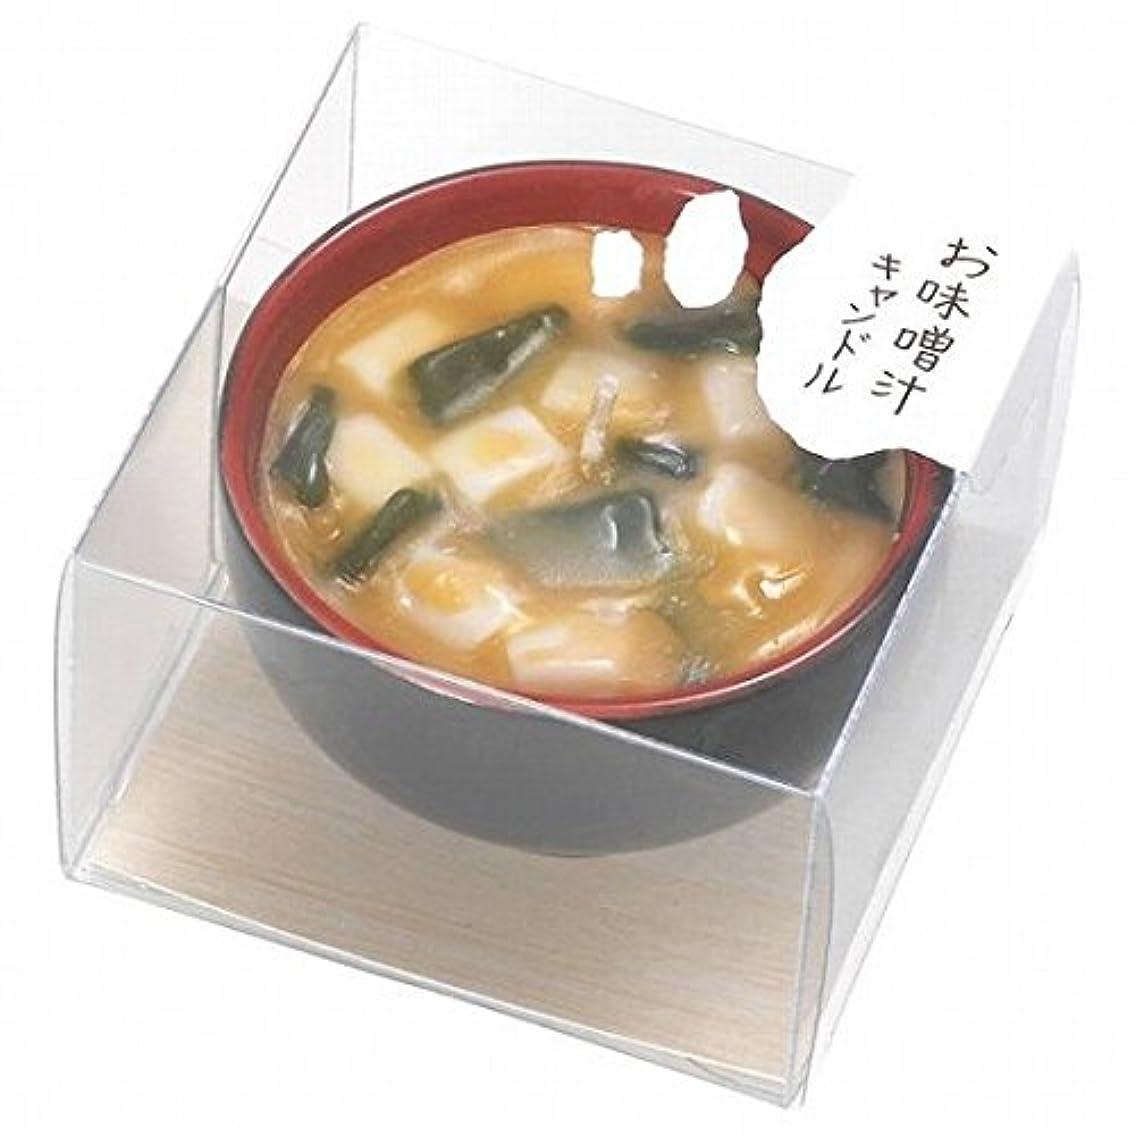 担当者マラドロイトの前でkameyama candle(カメヤマキャンドル) お味噌汁キャンドル(86950000)